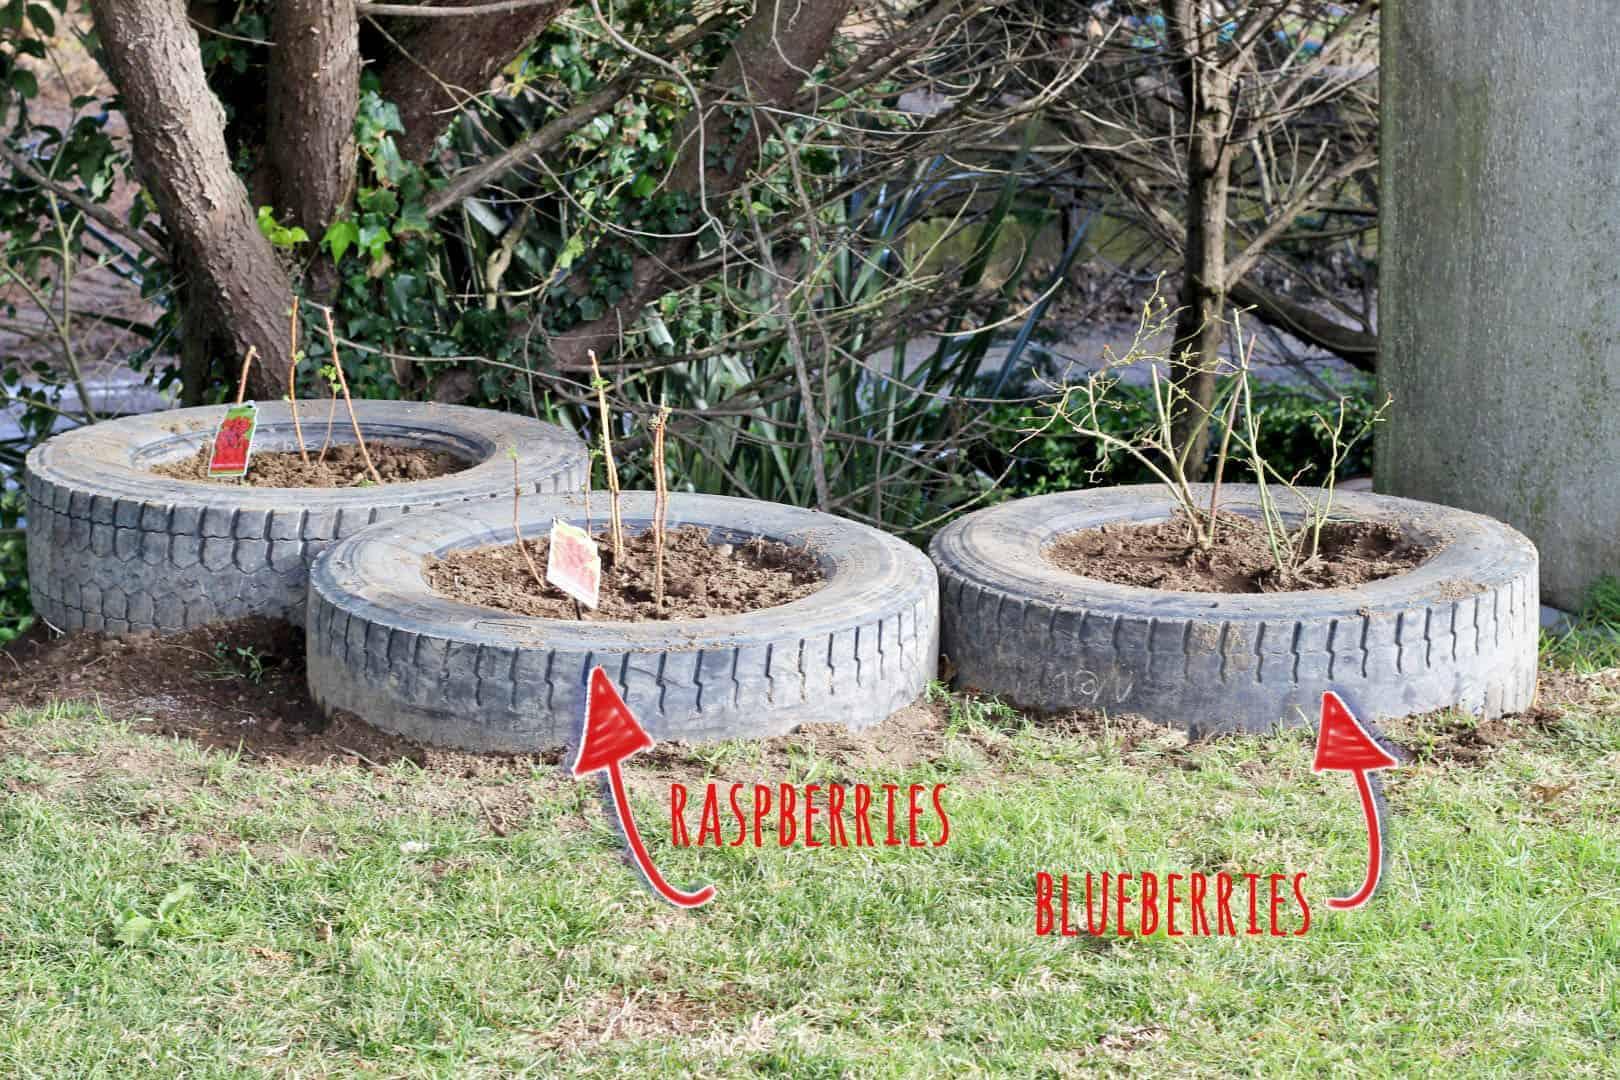 Planting raspberries (8)